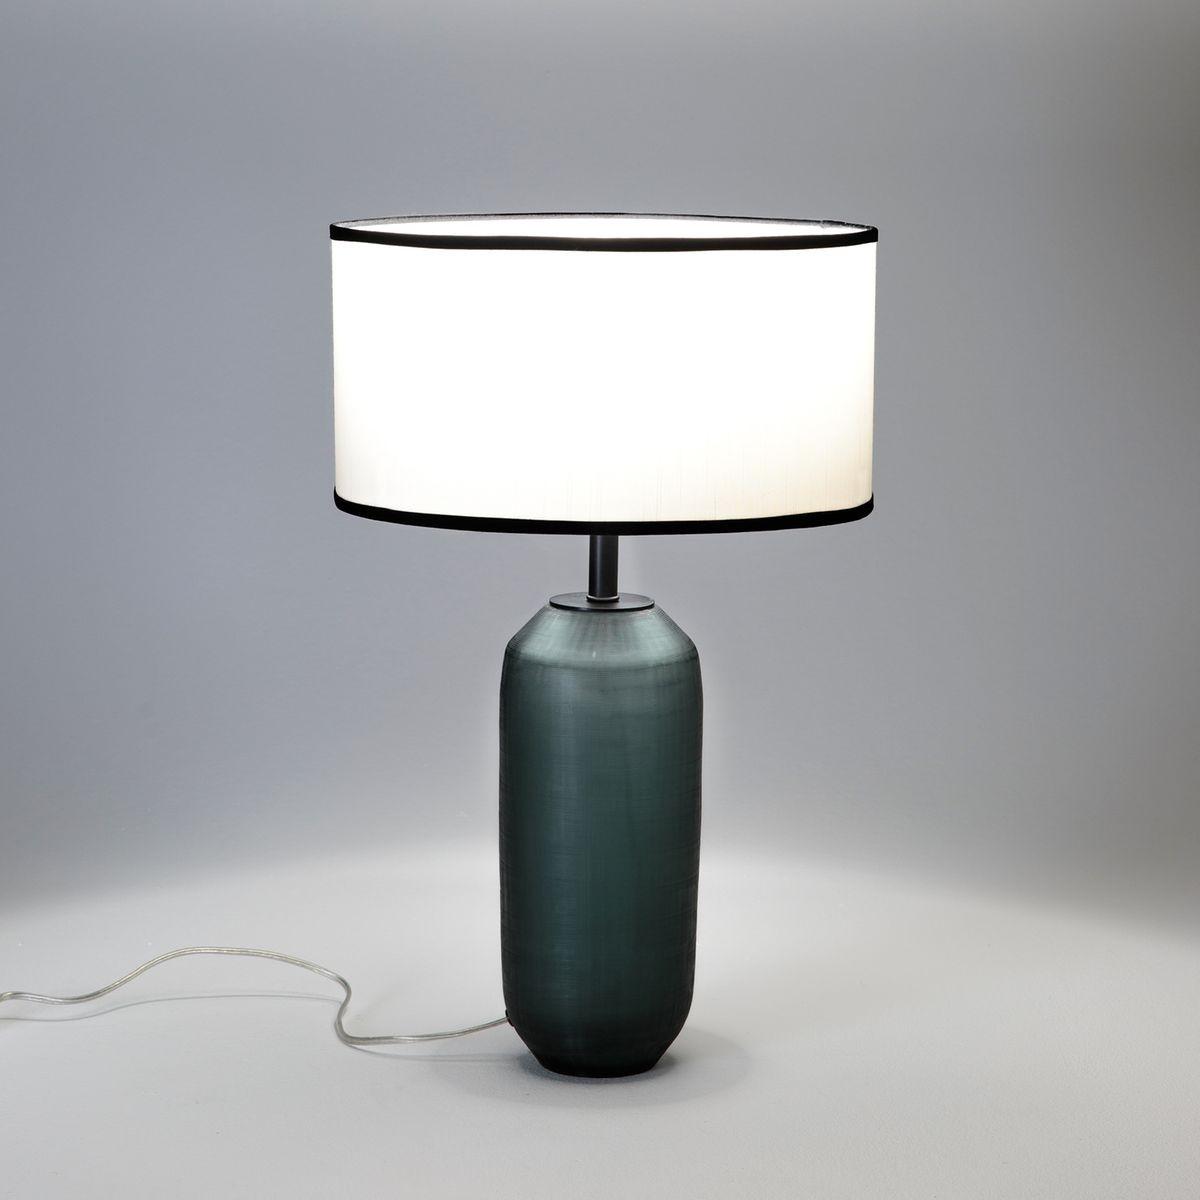 Pied De Lampe Am Pm lampe À poser, gotuko - taille : taille unique   table lamp